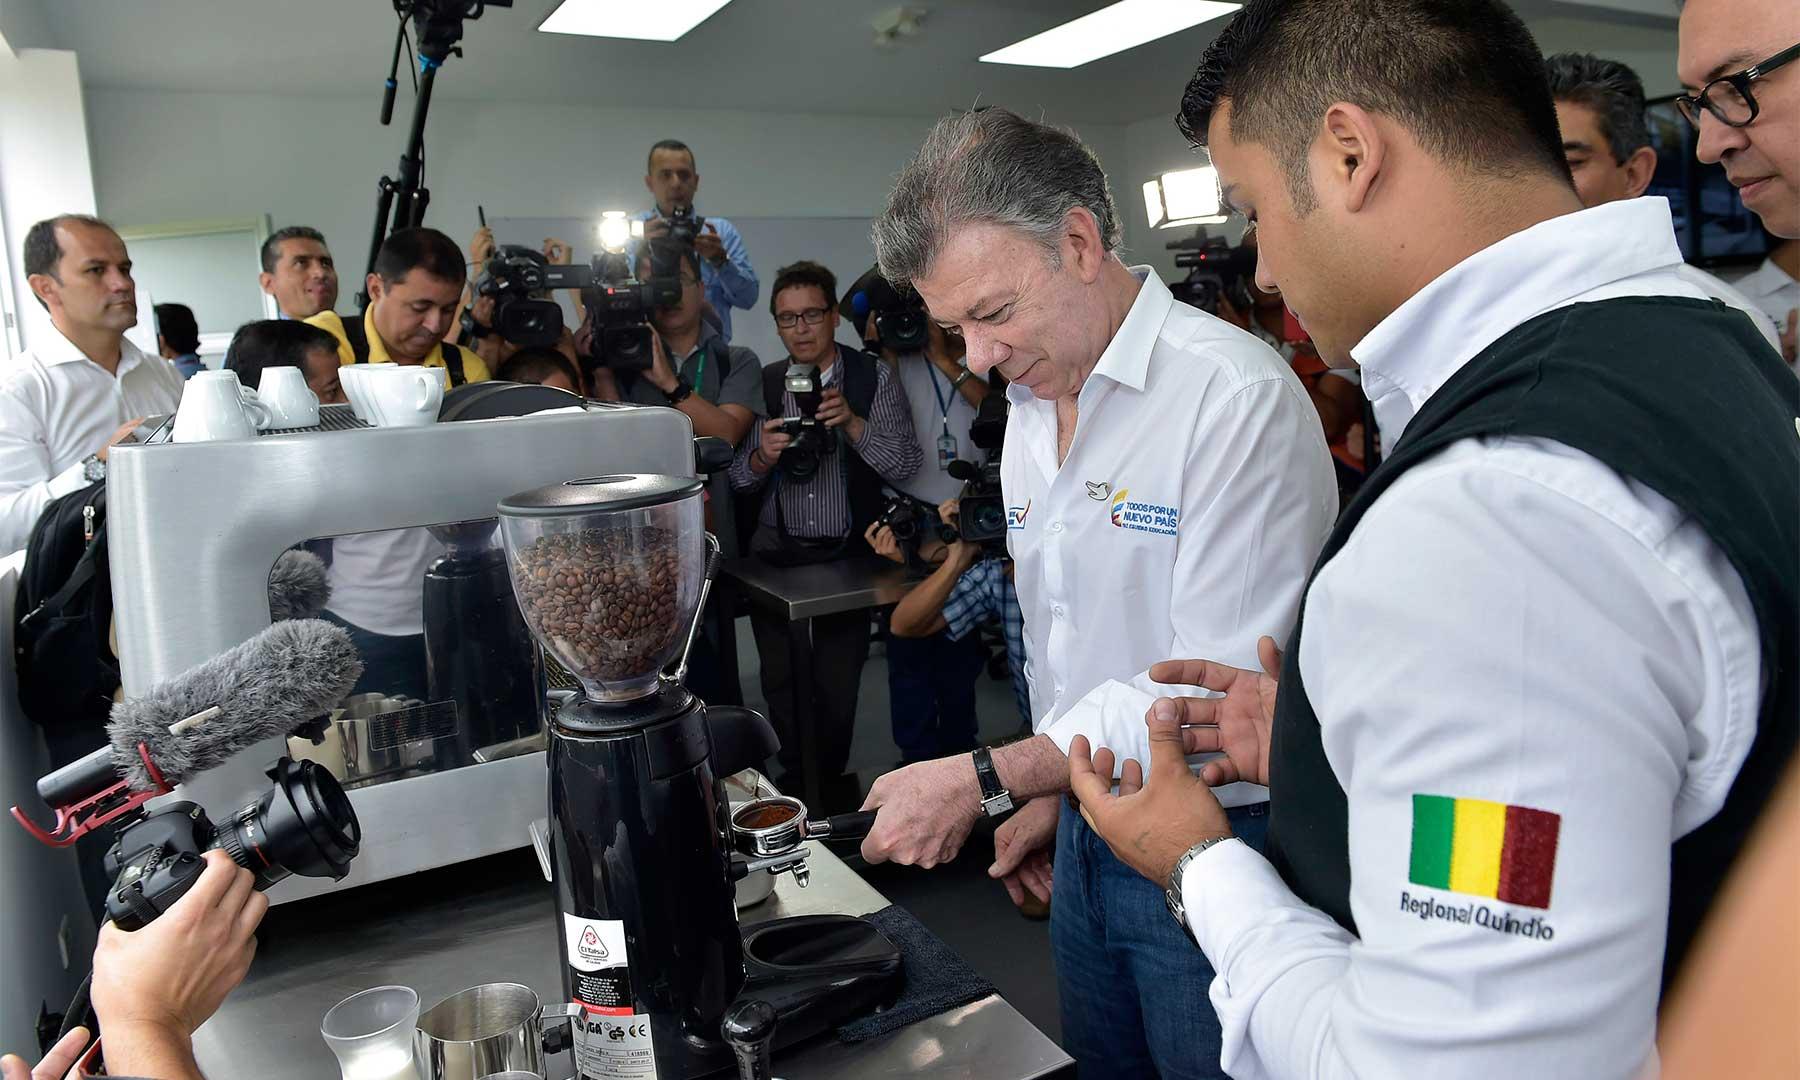 En la Escuela Nacional de Calidad del Café, el Presidente Santos recibe instrucción de un experto en la preparación de la bebida, acompañado por el director del Sena, Alfonso Prada.